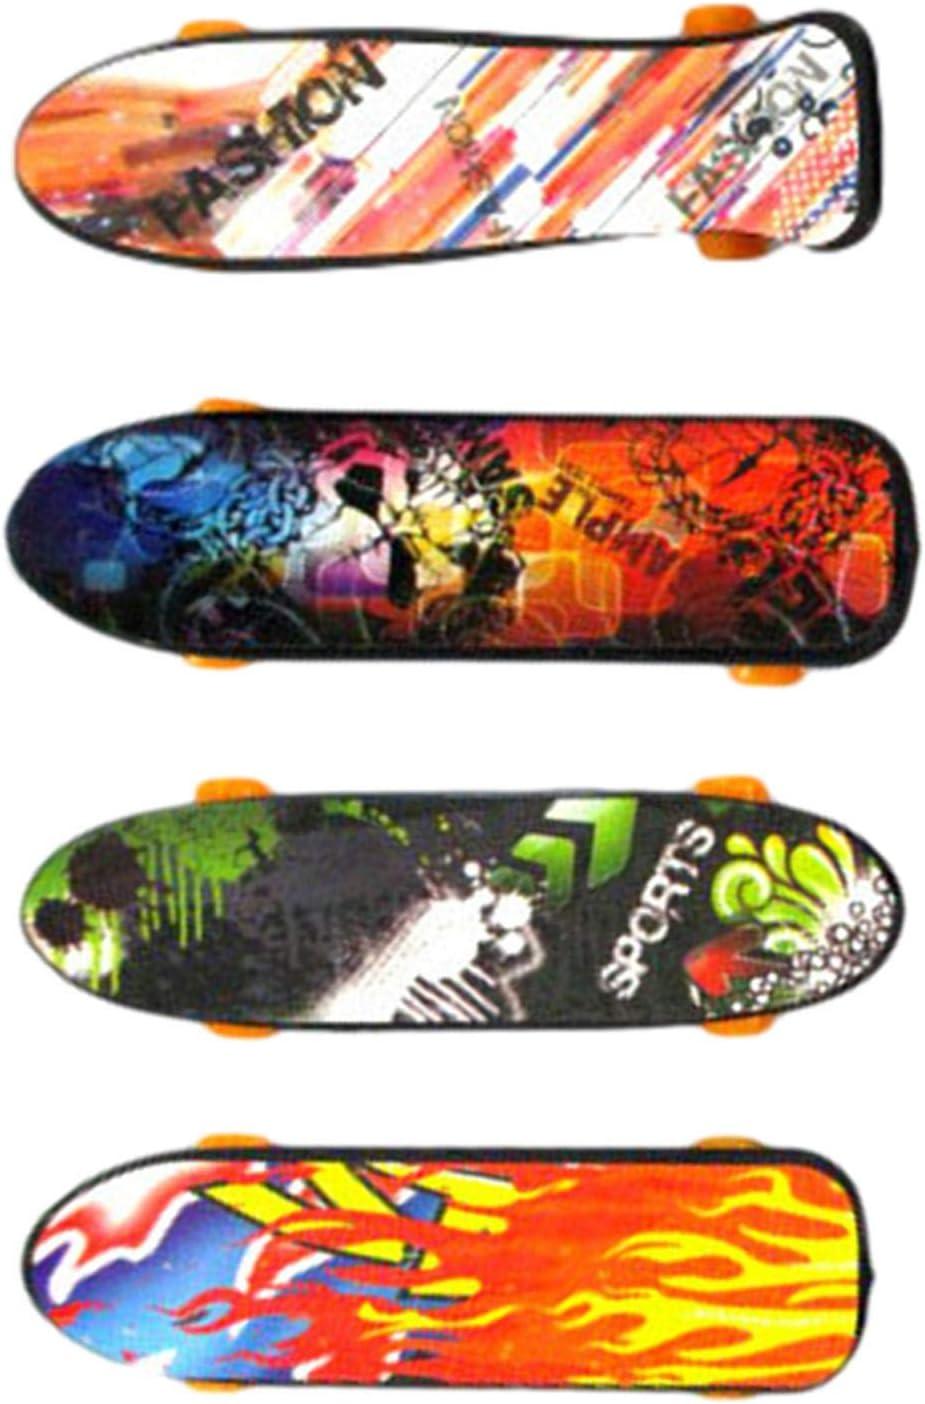 Finger Mini Skateboard 3//4//5 Pcs Deck Truck Finger Board Skate Toy Parfait Pour Les Enfants Party Favors Bag Fillers Enfants Cadeau Couleur Al/éatoire